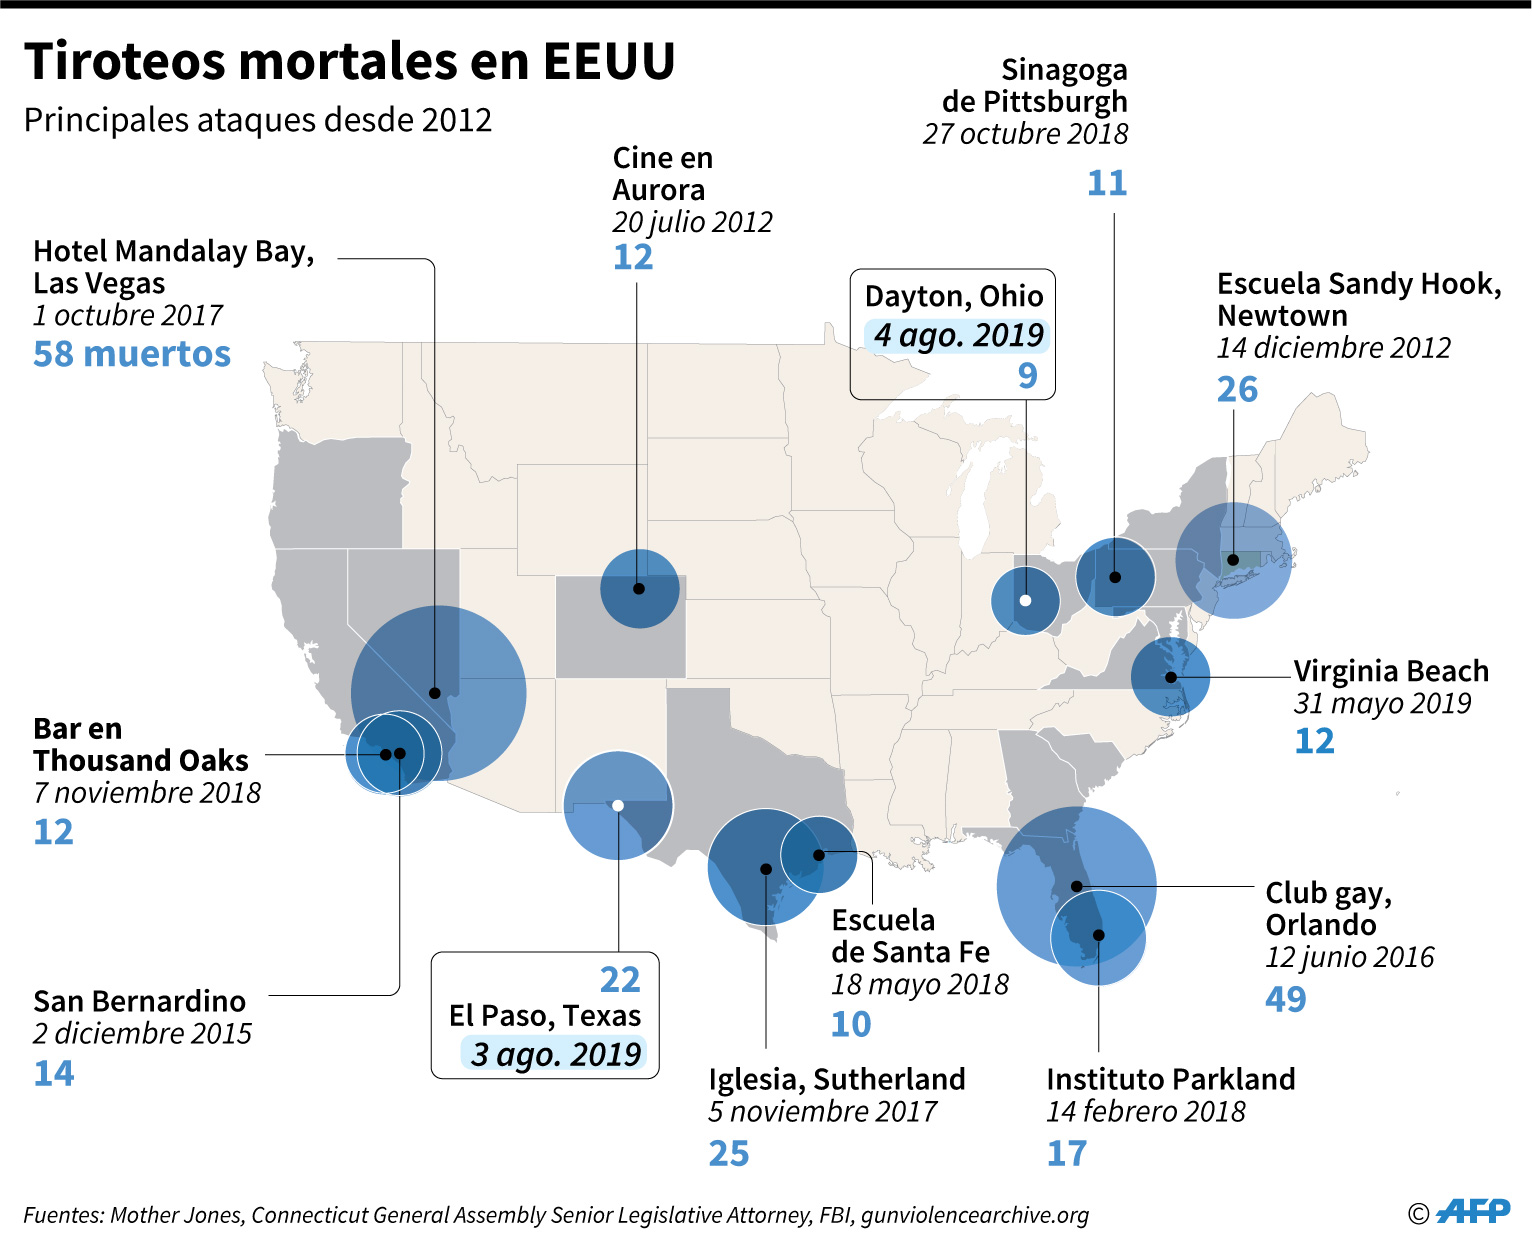 Mapa de Estados Unidos localizando las peores masacres por tiroteo desde 2012. (AFP)